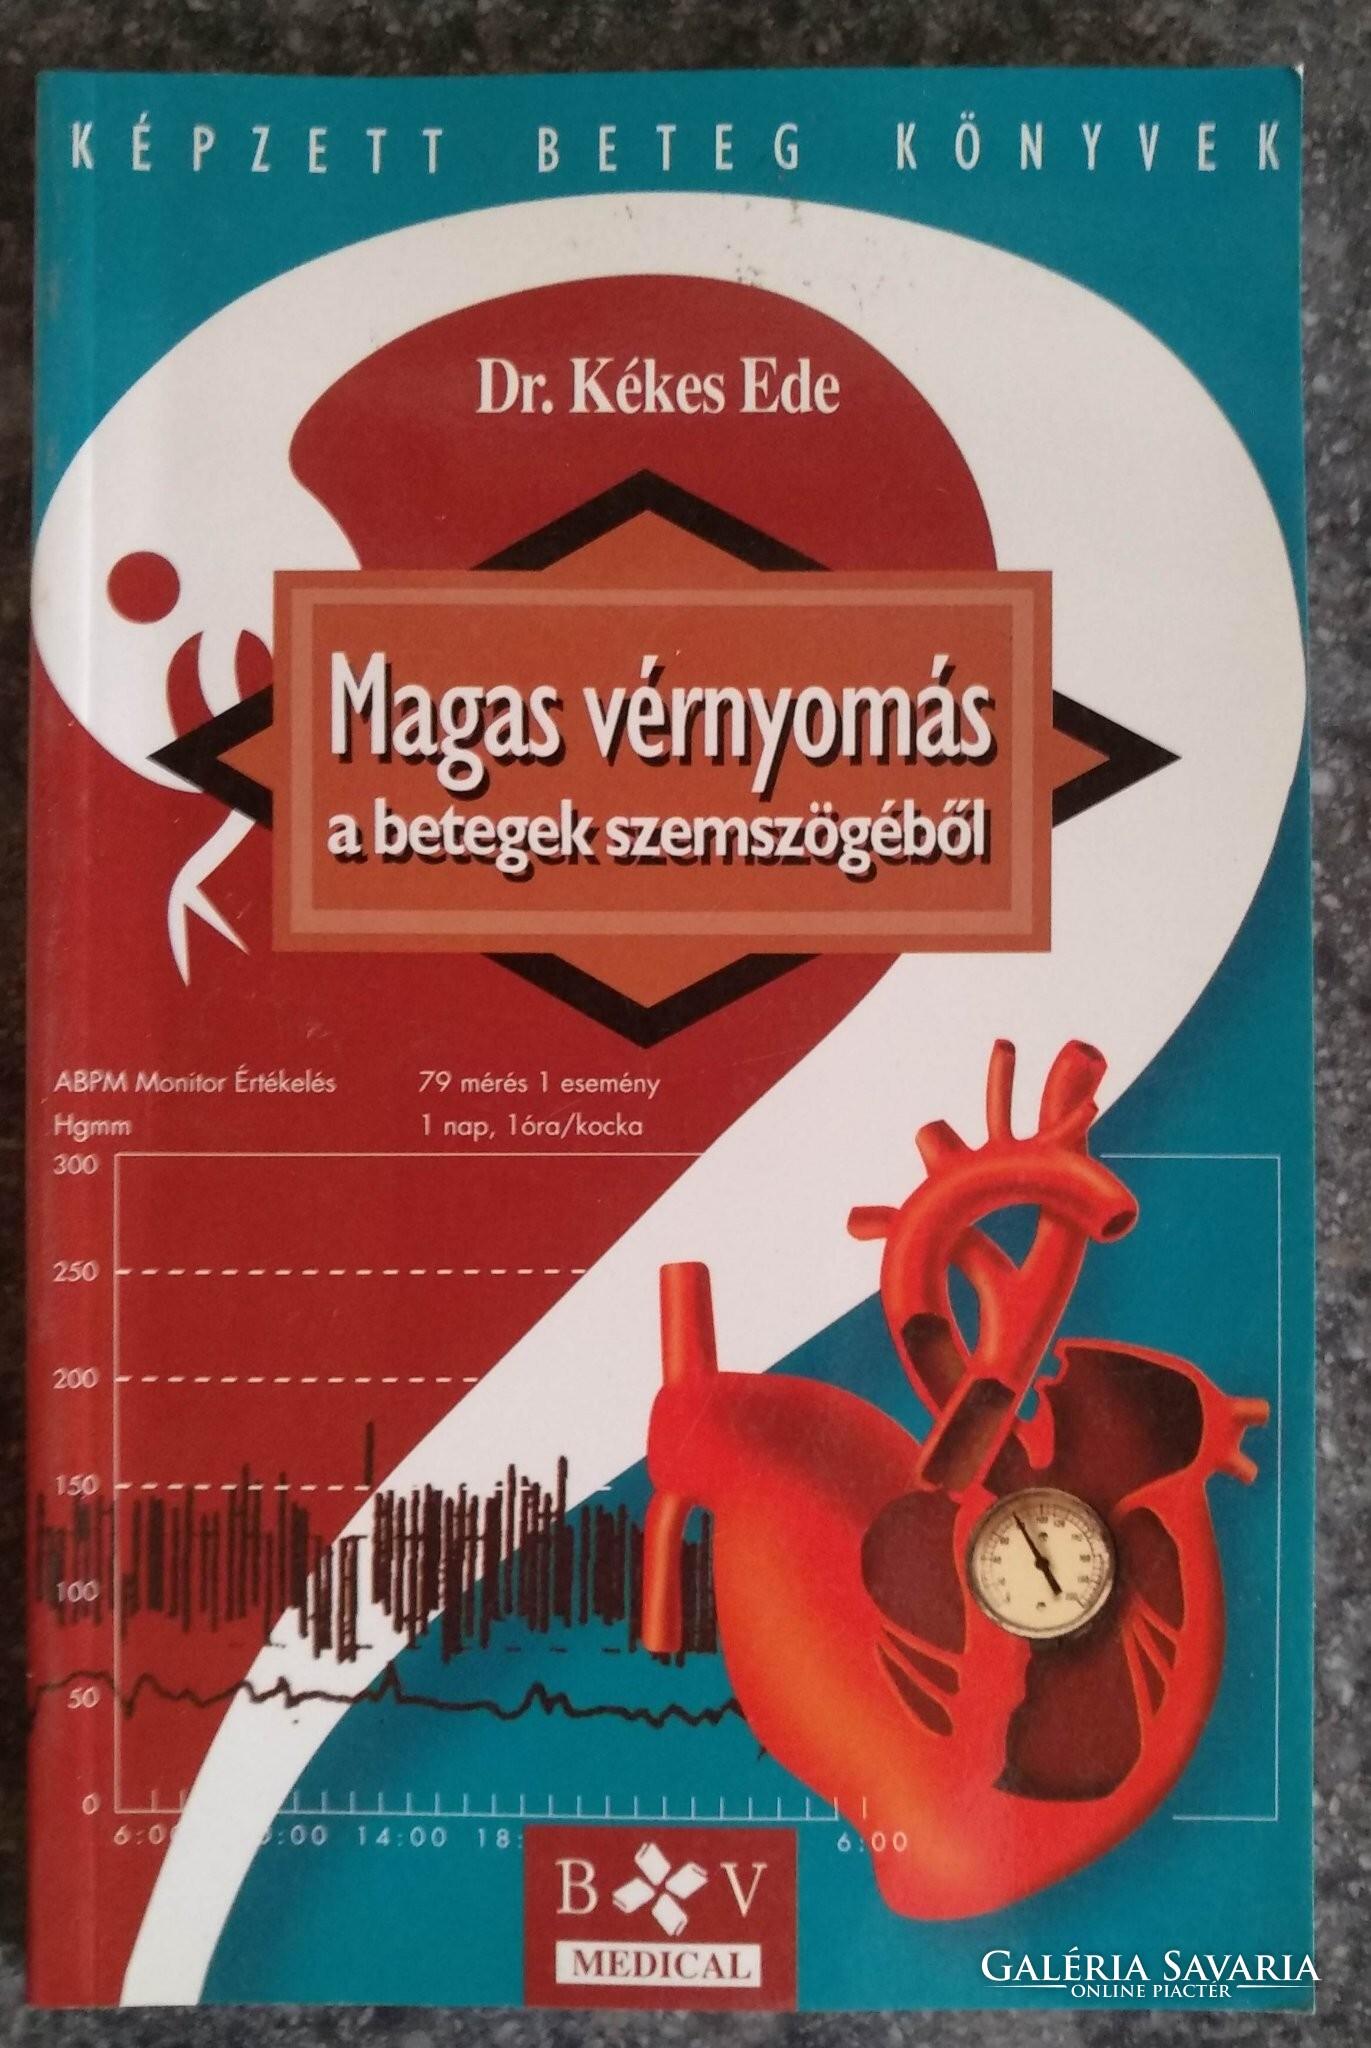 magas vérnyomás poszterek a legjobb gyógyszer a magas vérnyomás kezelésére